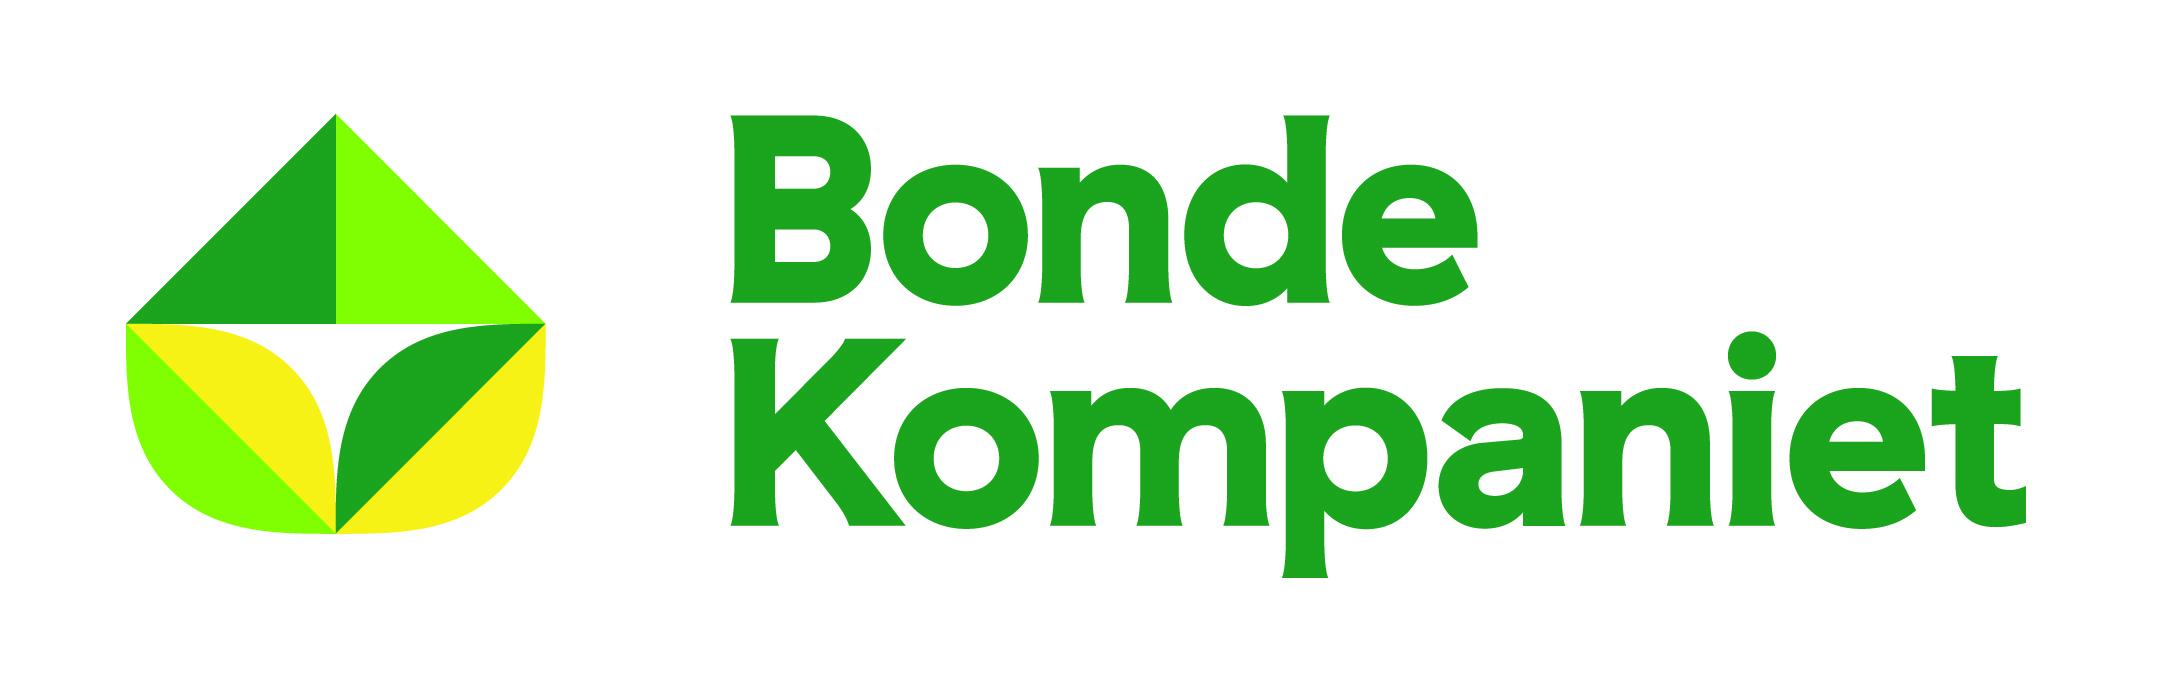 Bondekompaniet logo